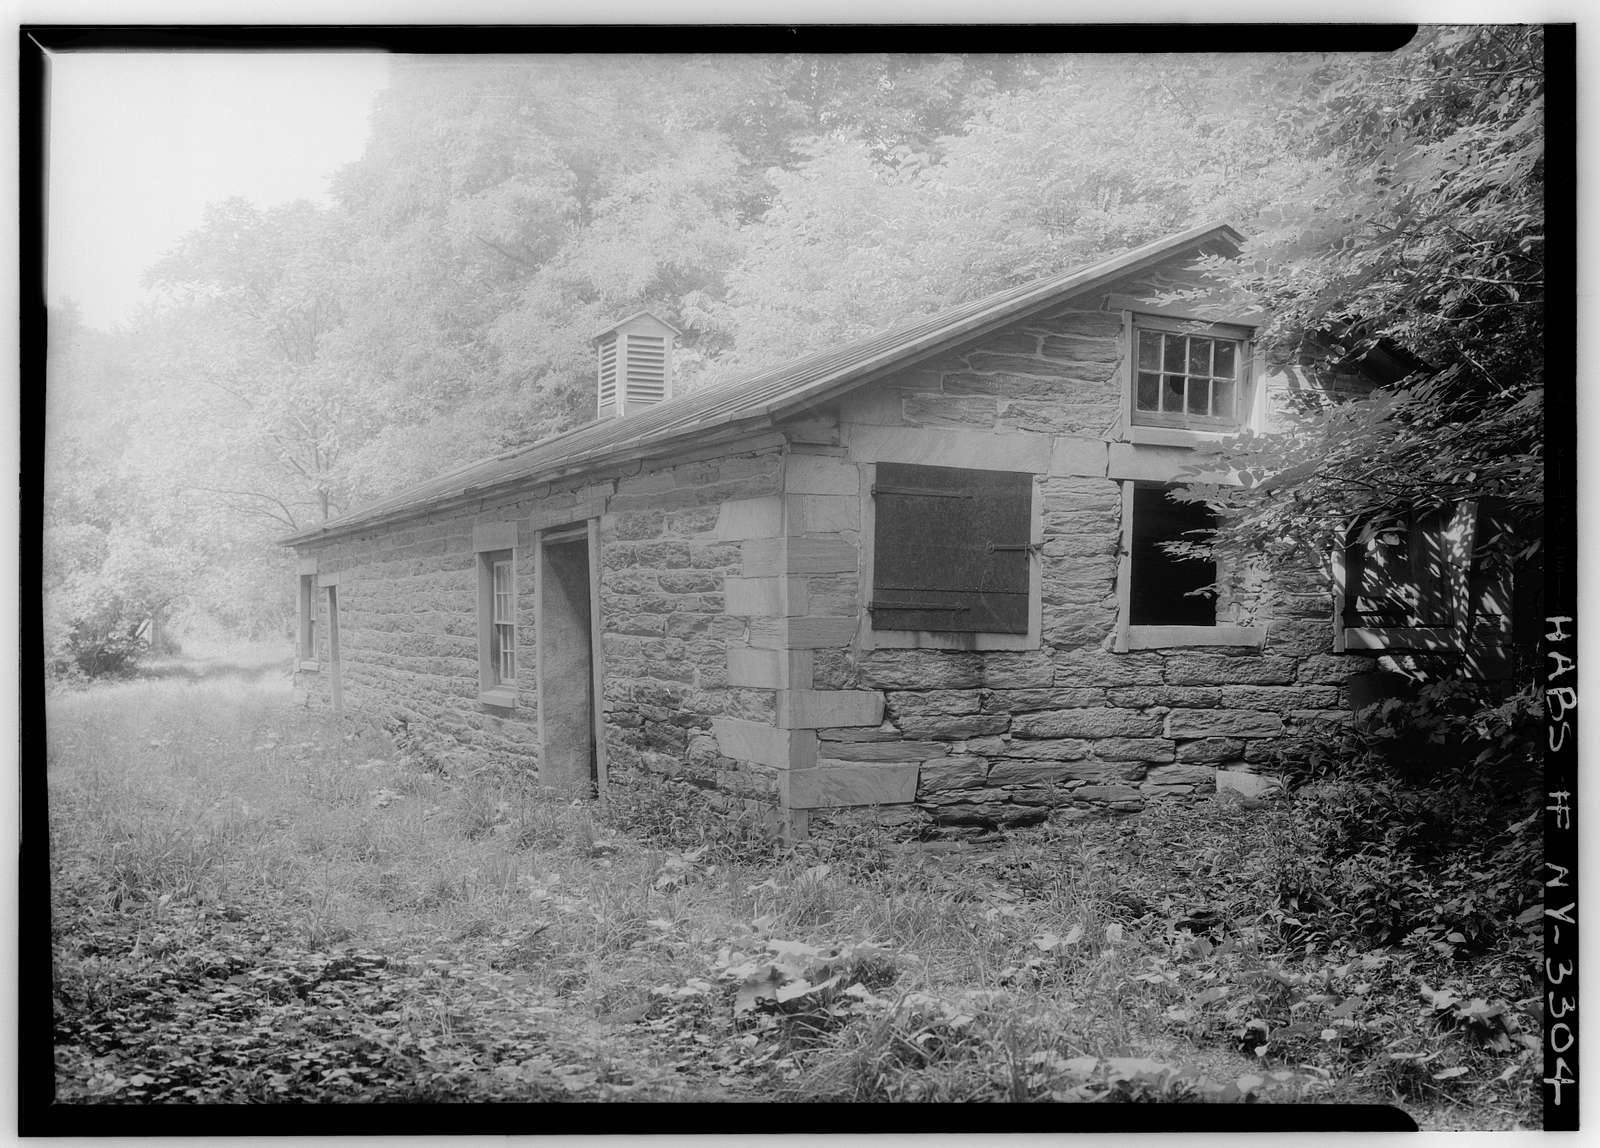 Shaker Church Family Apple Drying Kiln, Shaker Road, New Lebanon, Columbia County, NY